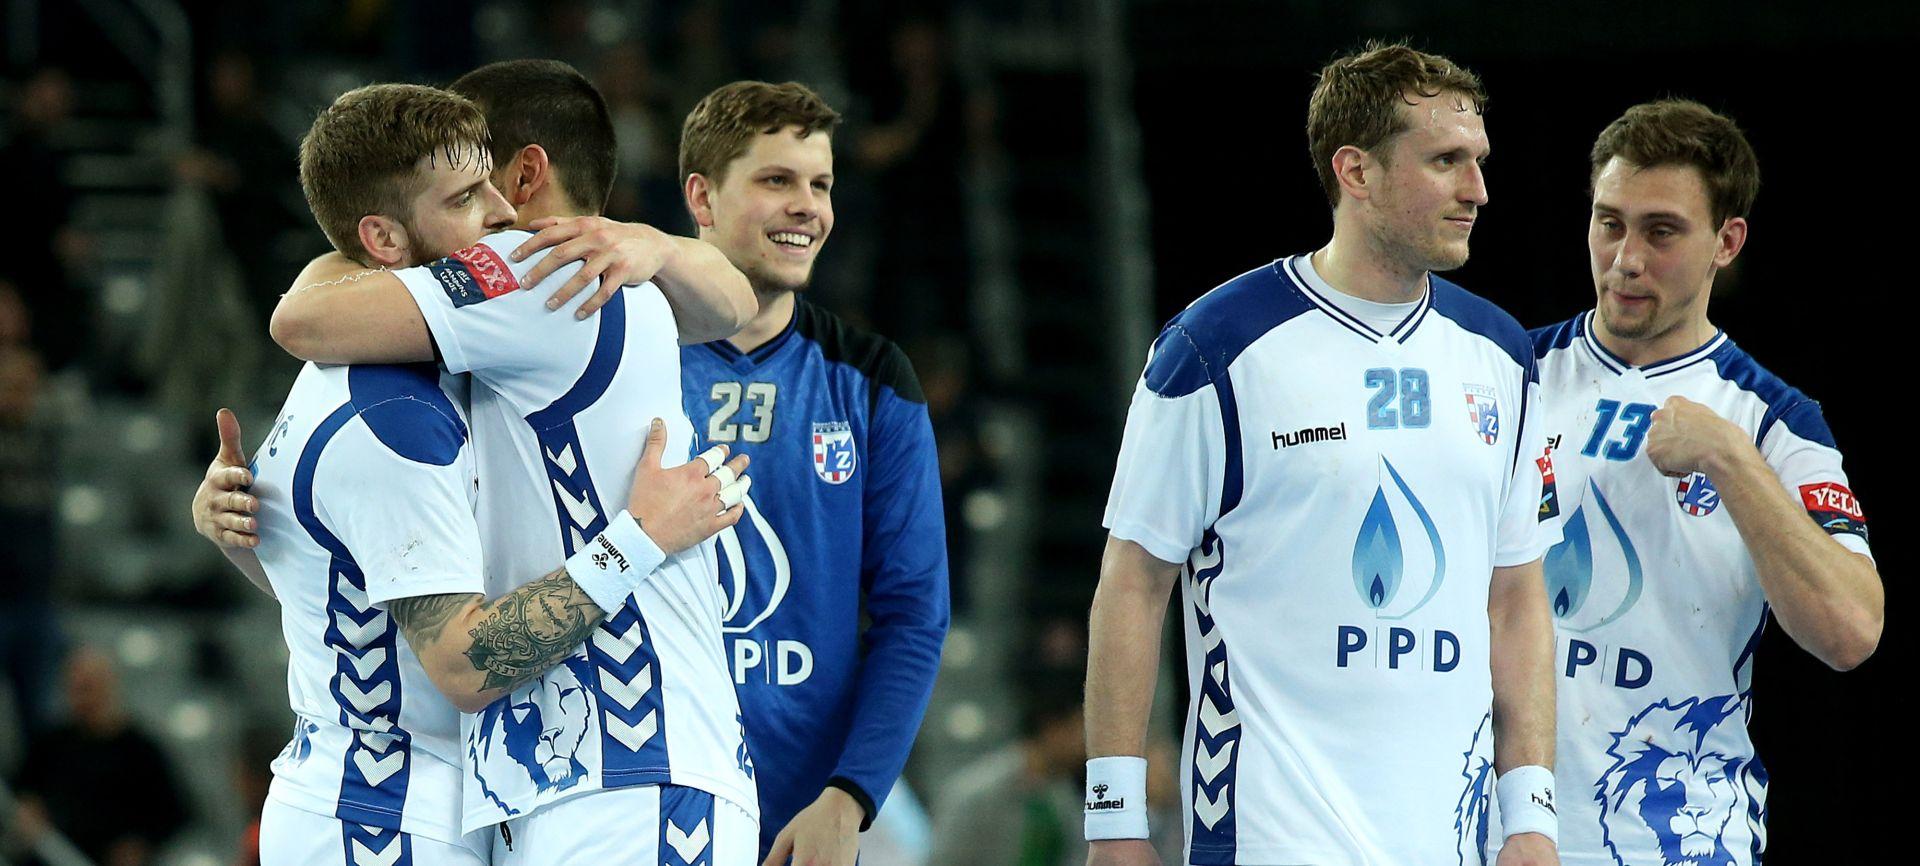 SEHA LIGA Poraz PPD Zagreba, u polufinalu protiv Vardara